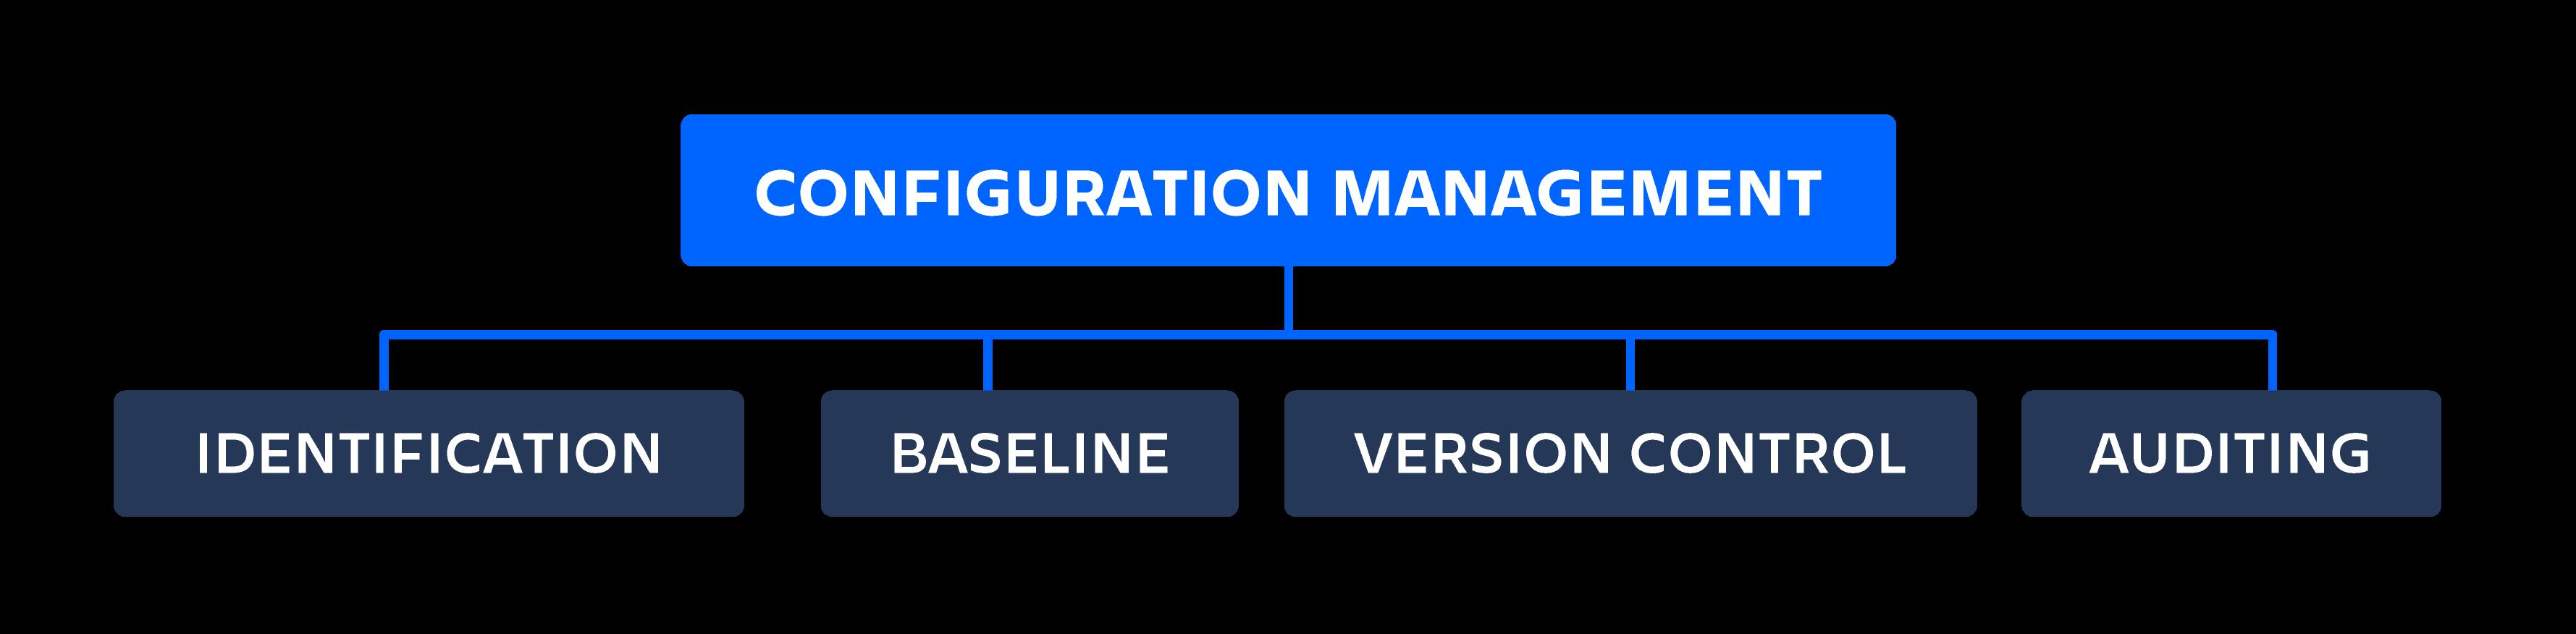 Diagrama de gestión de la configuración